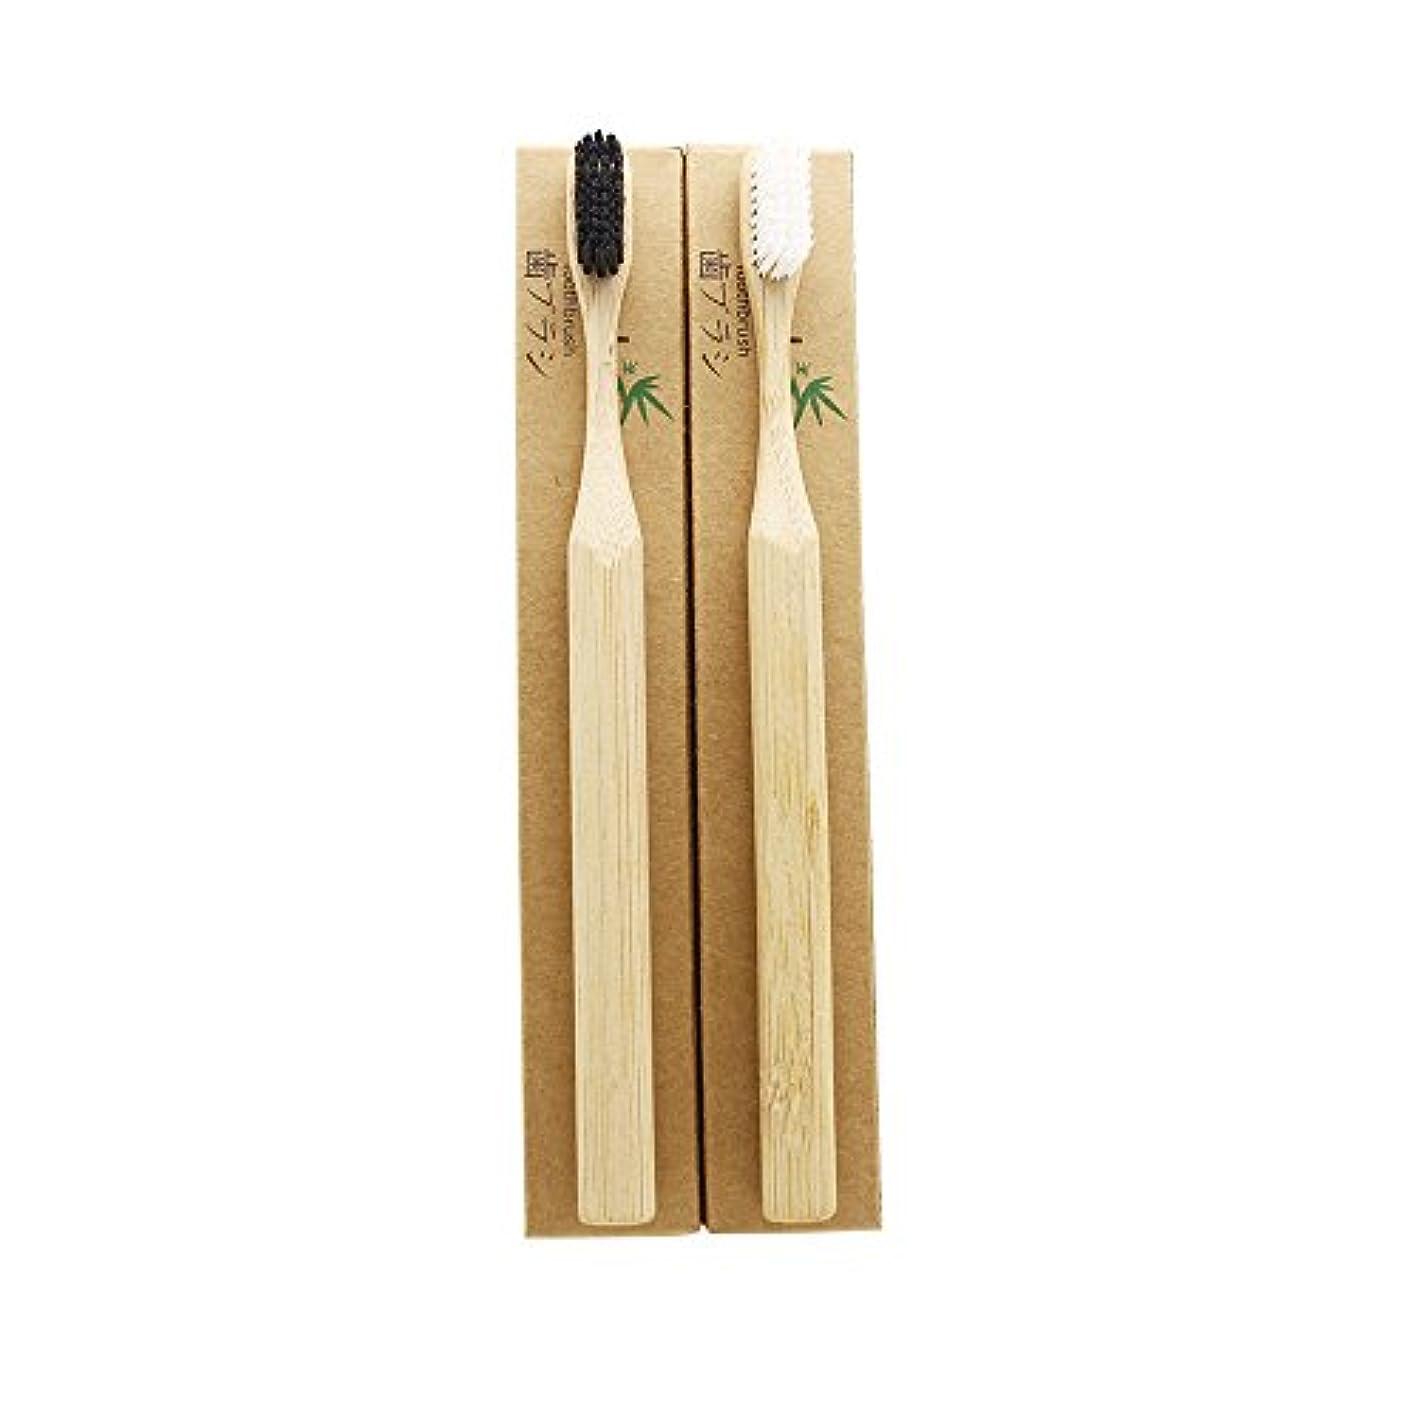 マディソンドリルタップN-amboo 竹製 歯ブラシ 高耐久性 白と黒 セット エコ 丸いハンドル (2本)